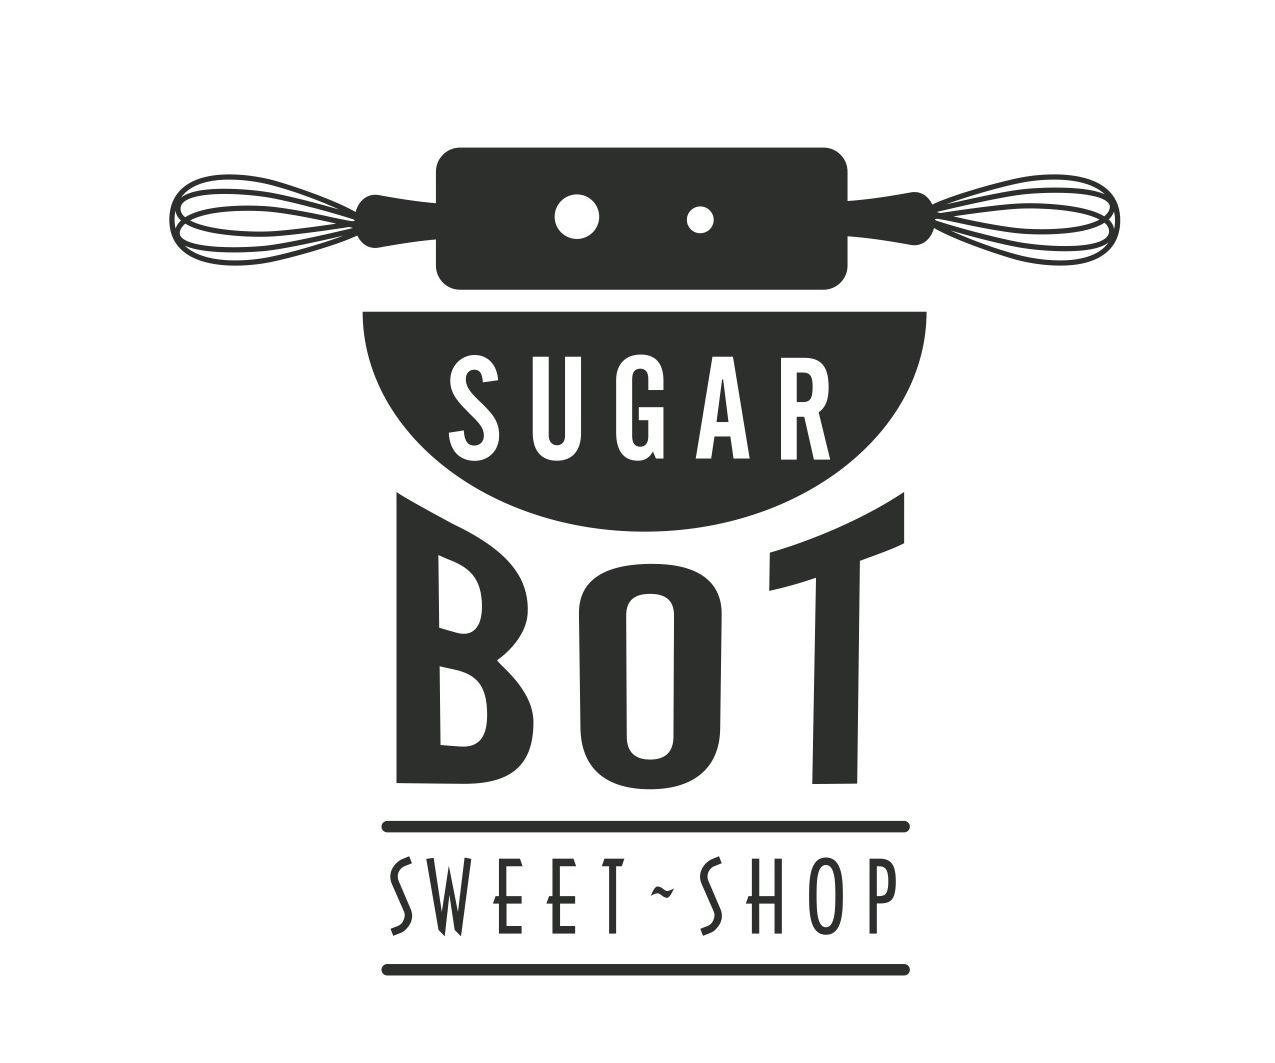 https://www.sugarbotsweetshop.com/